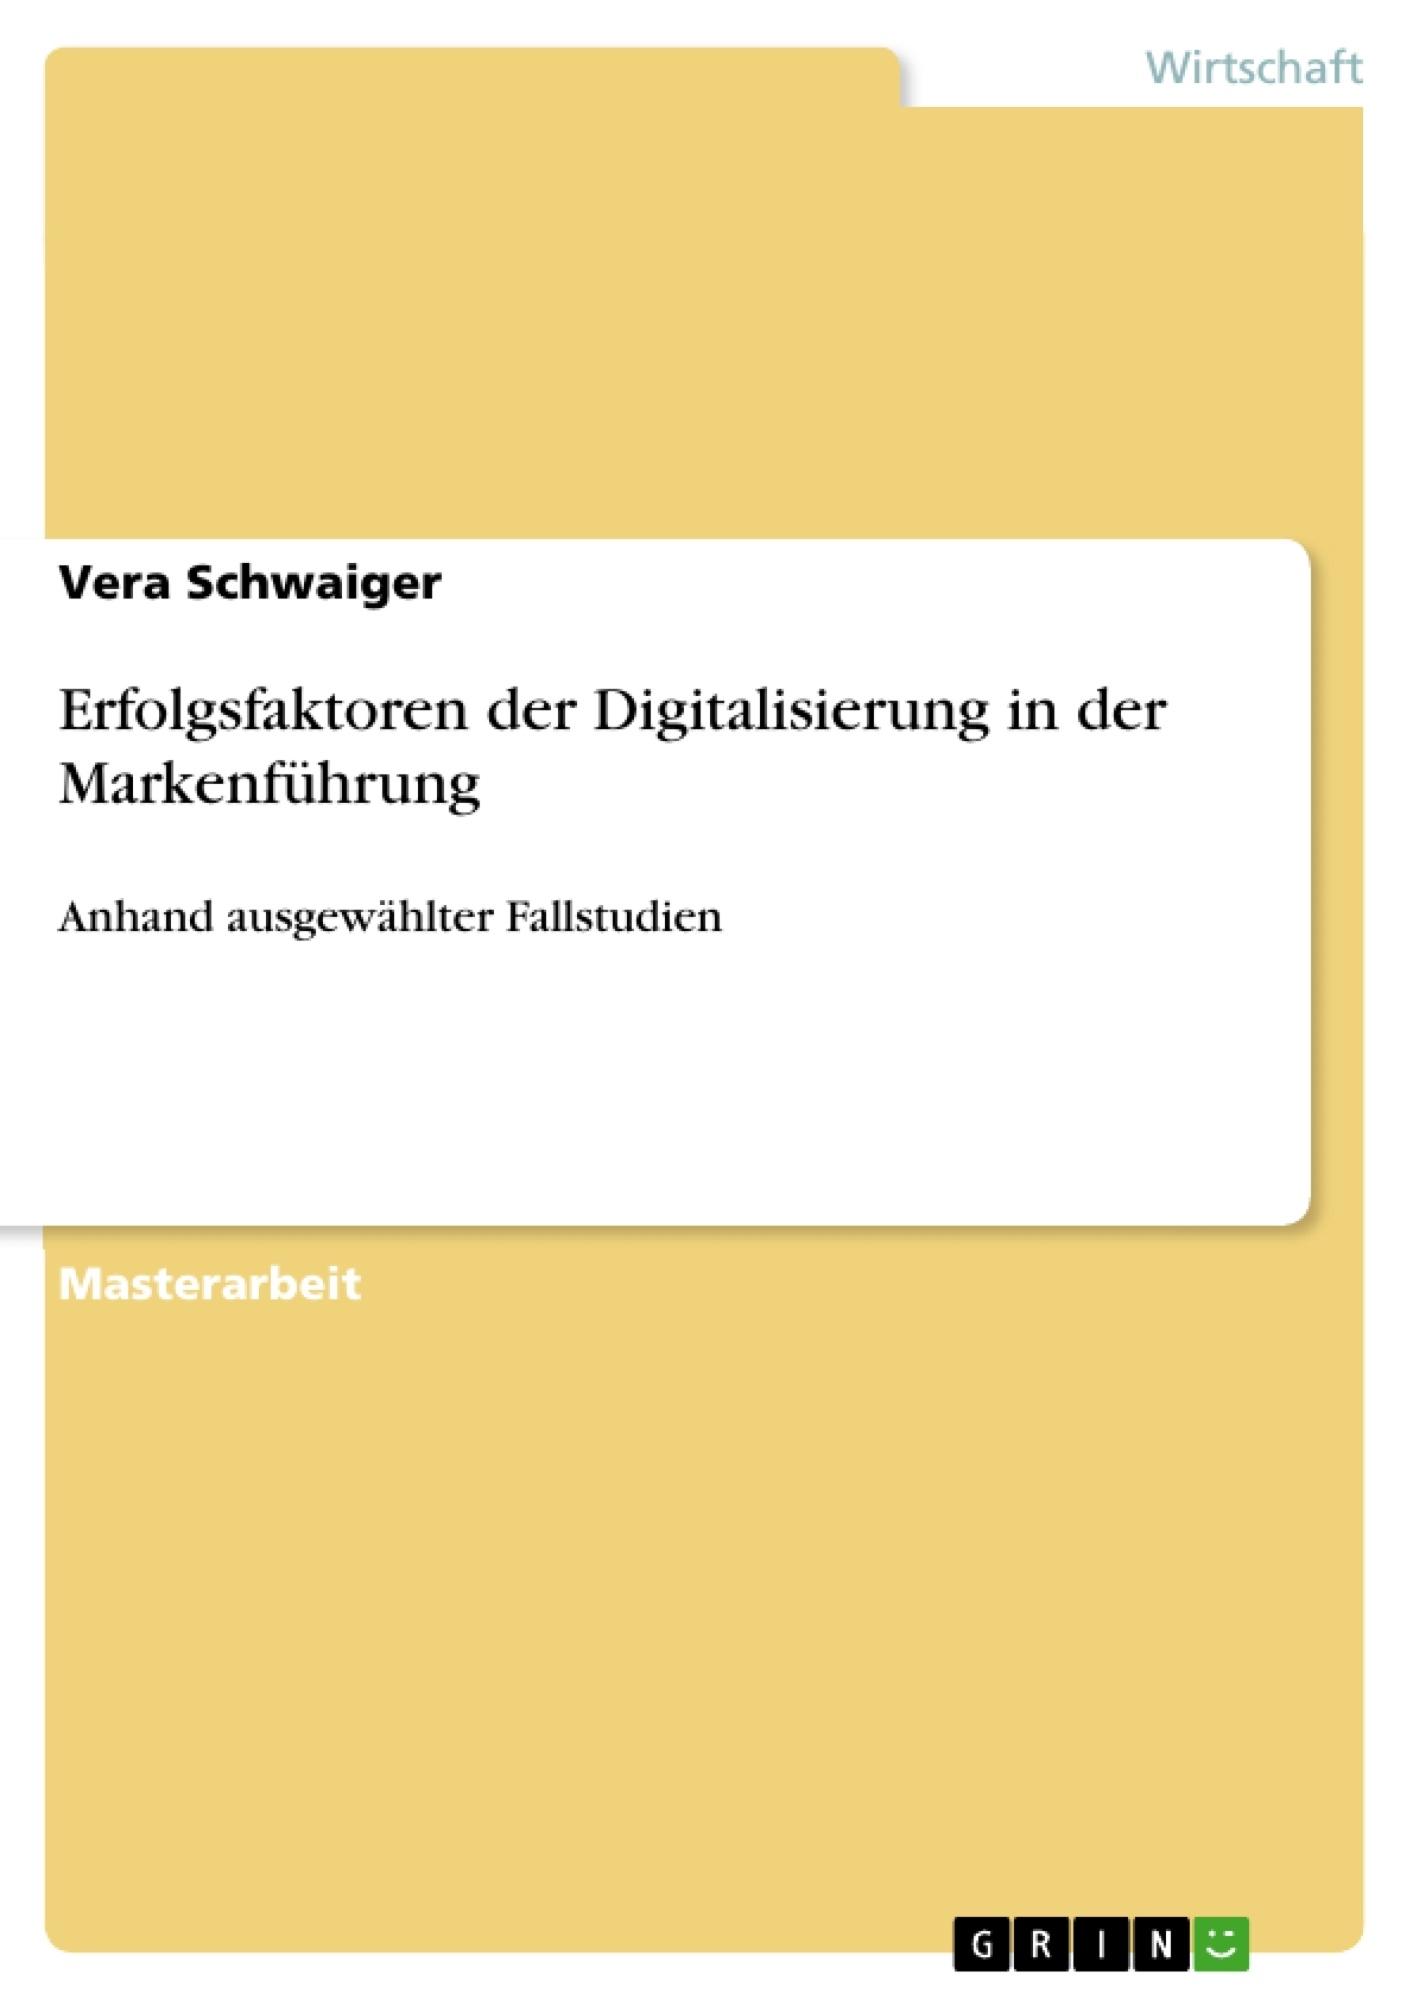 Titel: Erfolgsfaktoren der Digitalisierung in der Markenführung